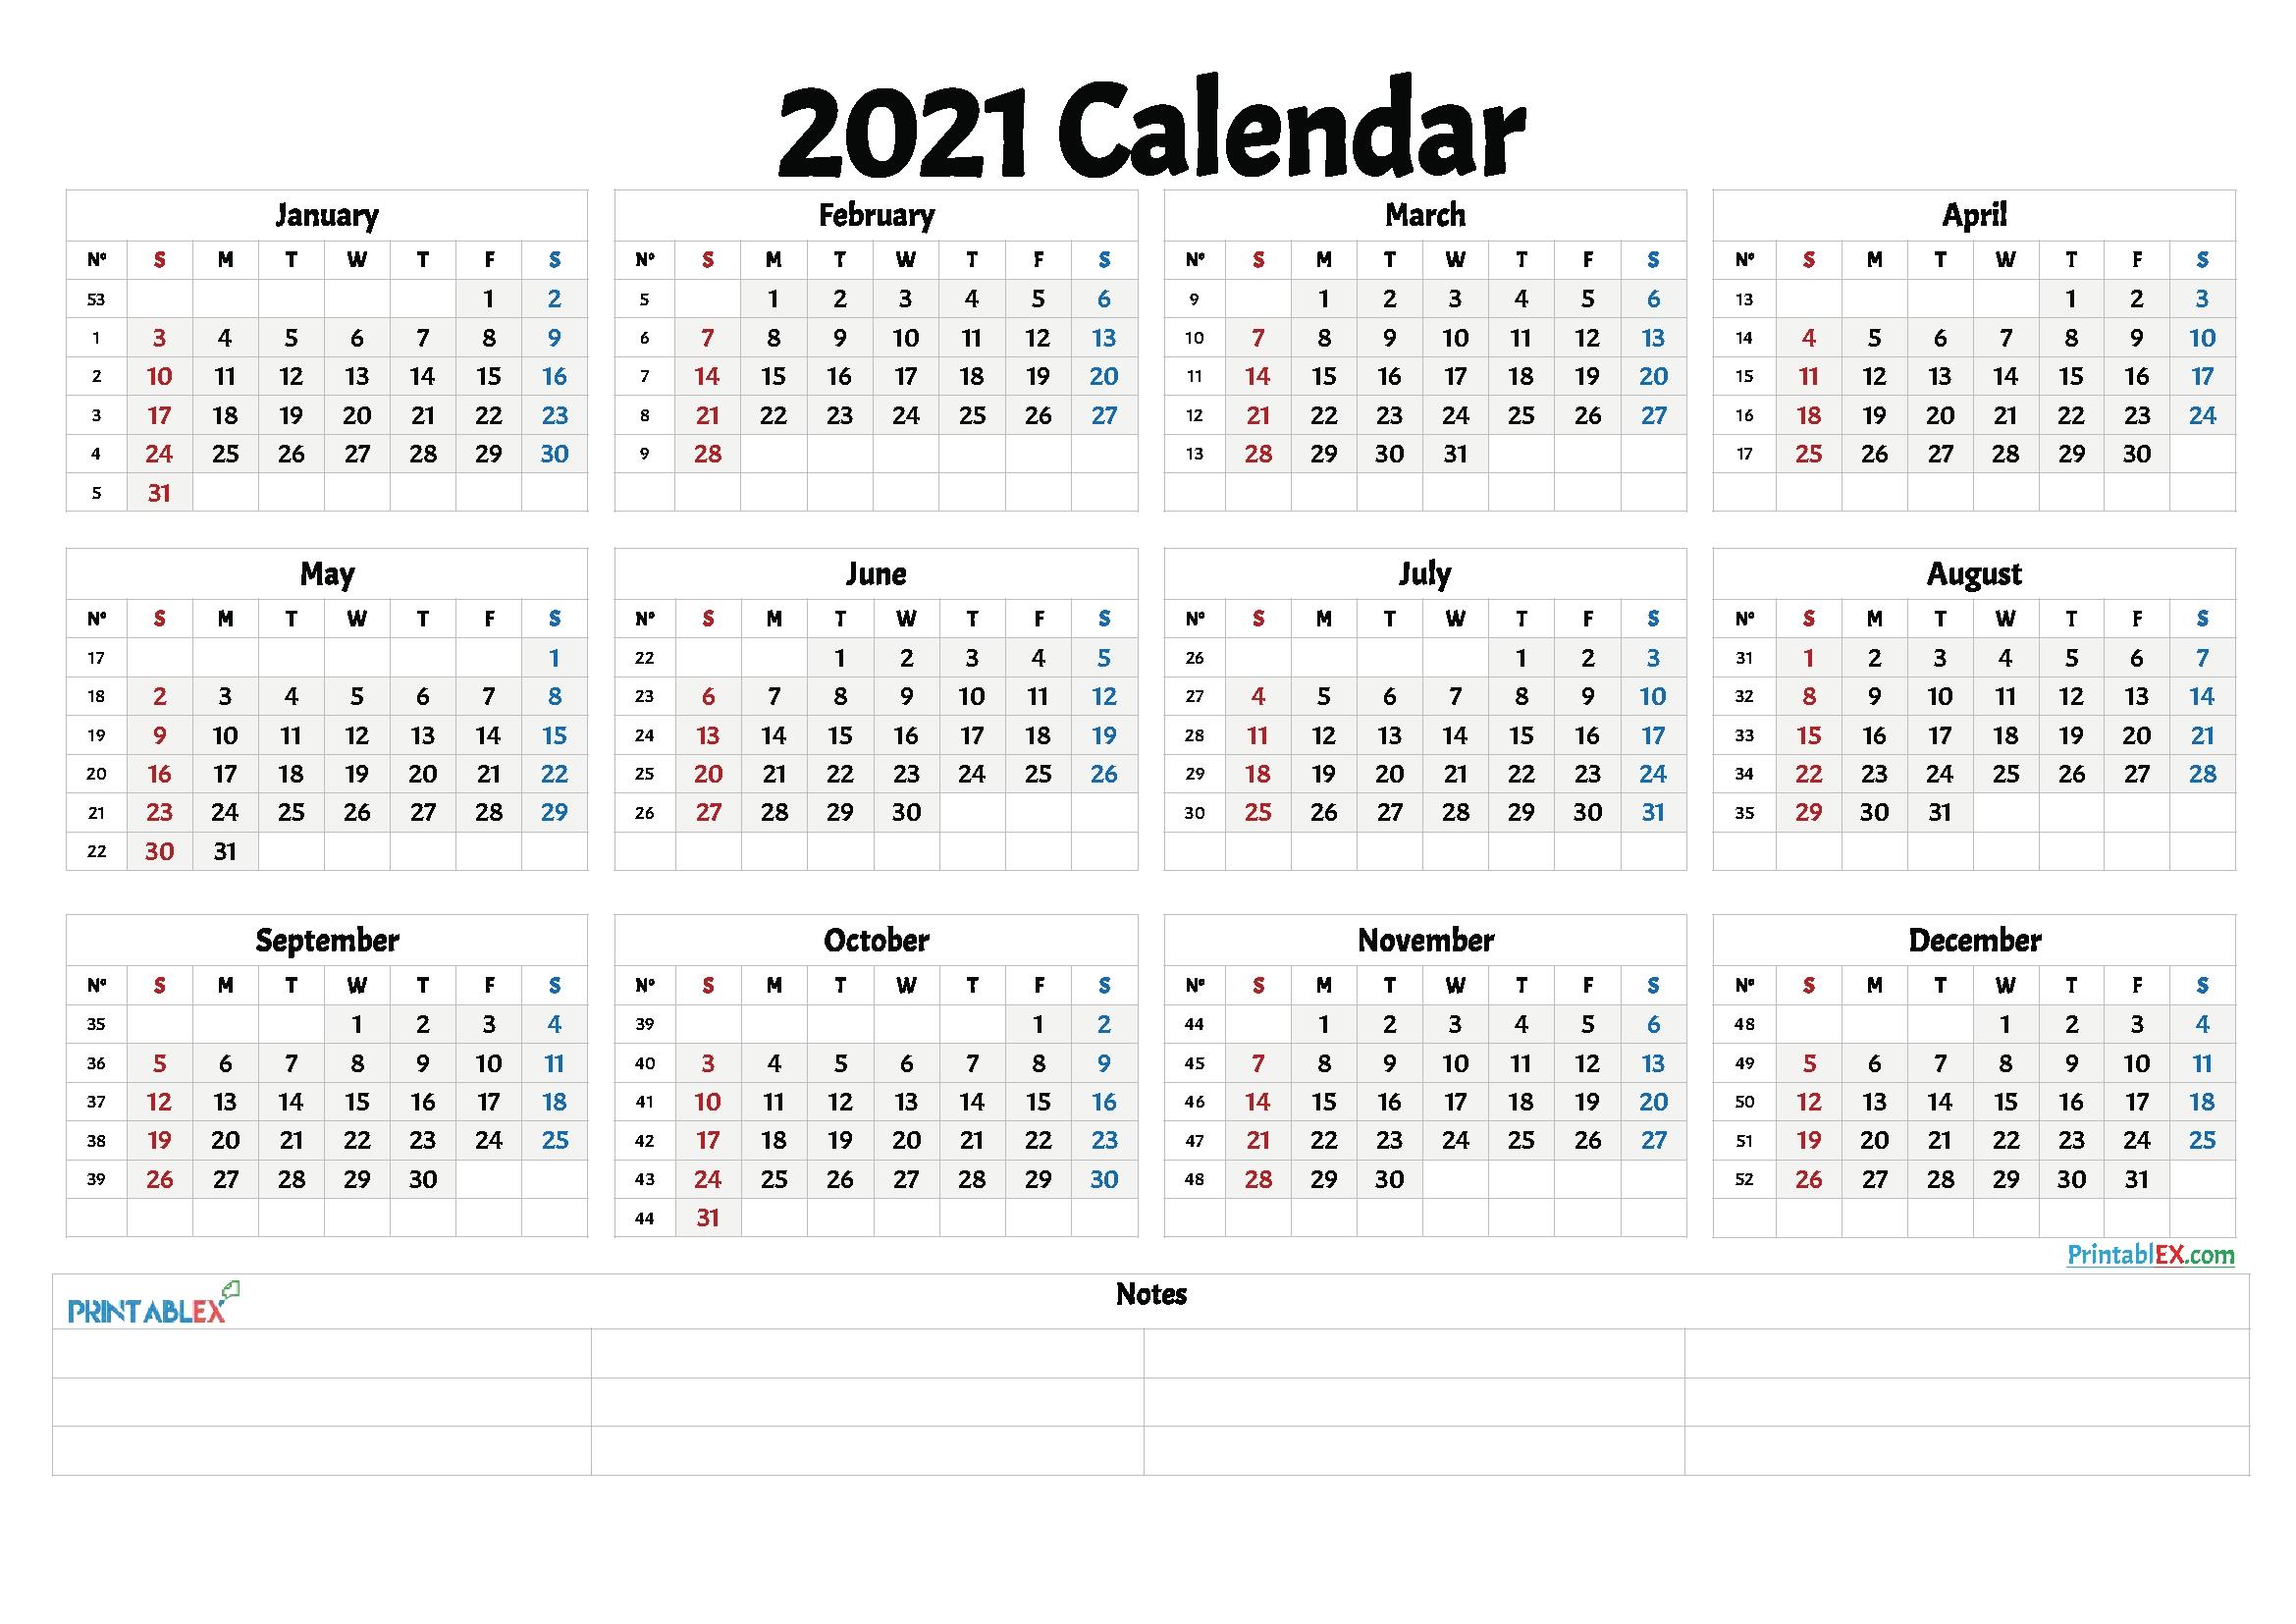 Excel Calendar 2021 With Week Numbers - Calendar